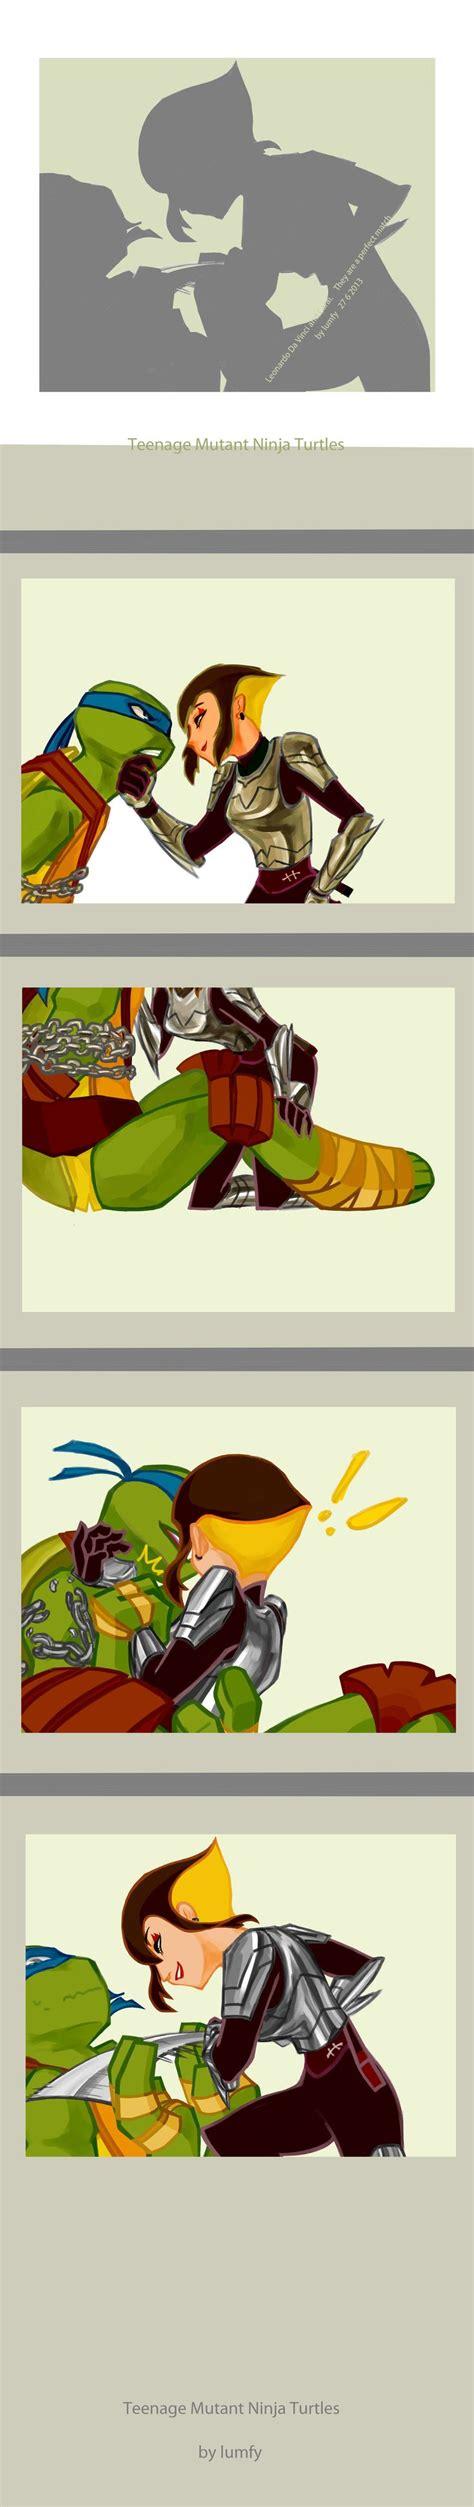 teenage mutant ninja turtles table and teenage mutant ninja turtles leo and karai kiss